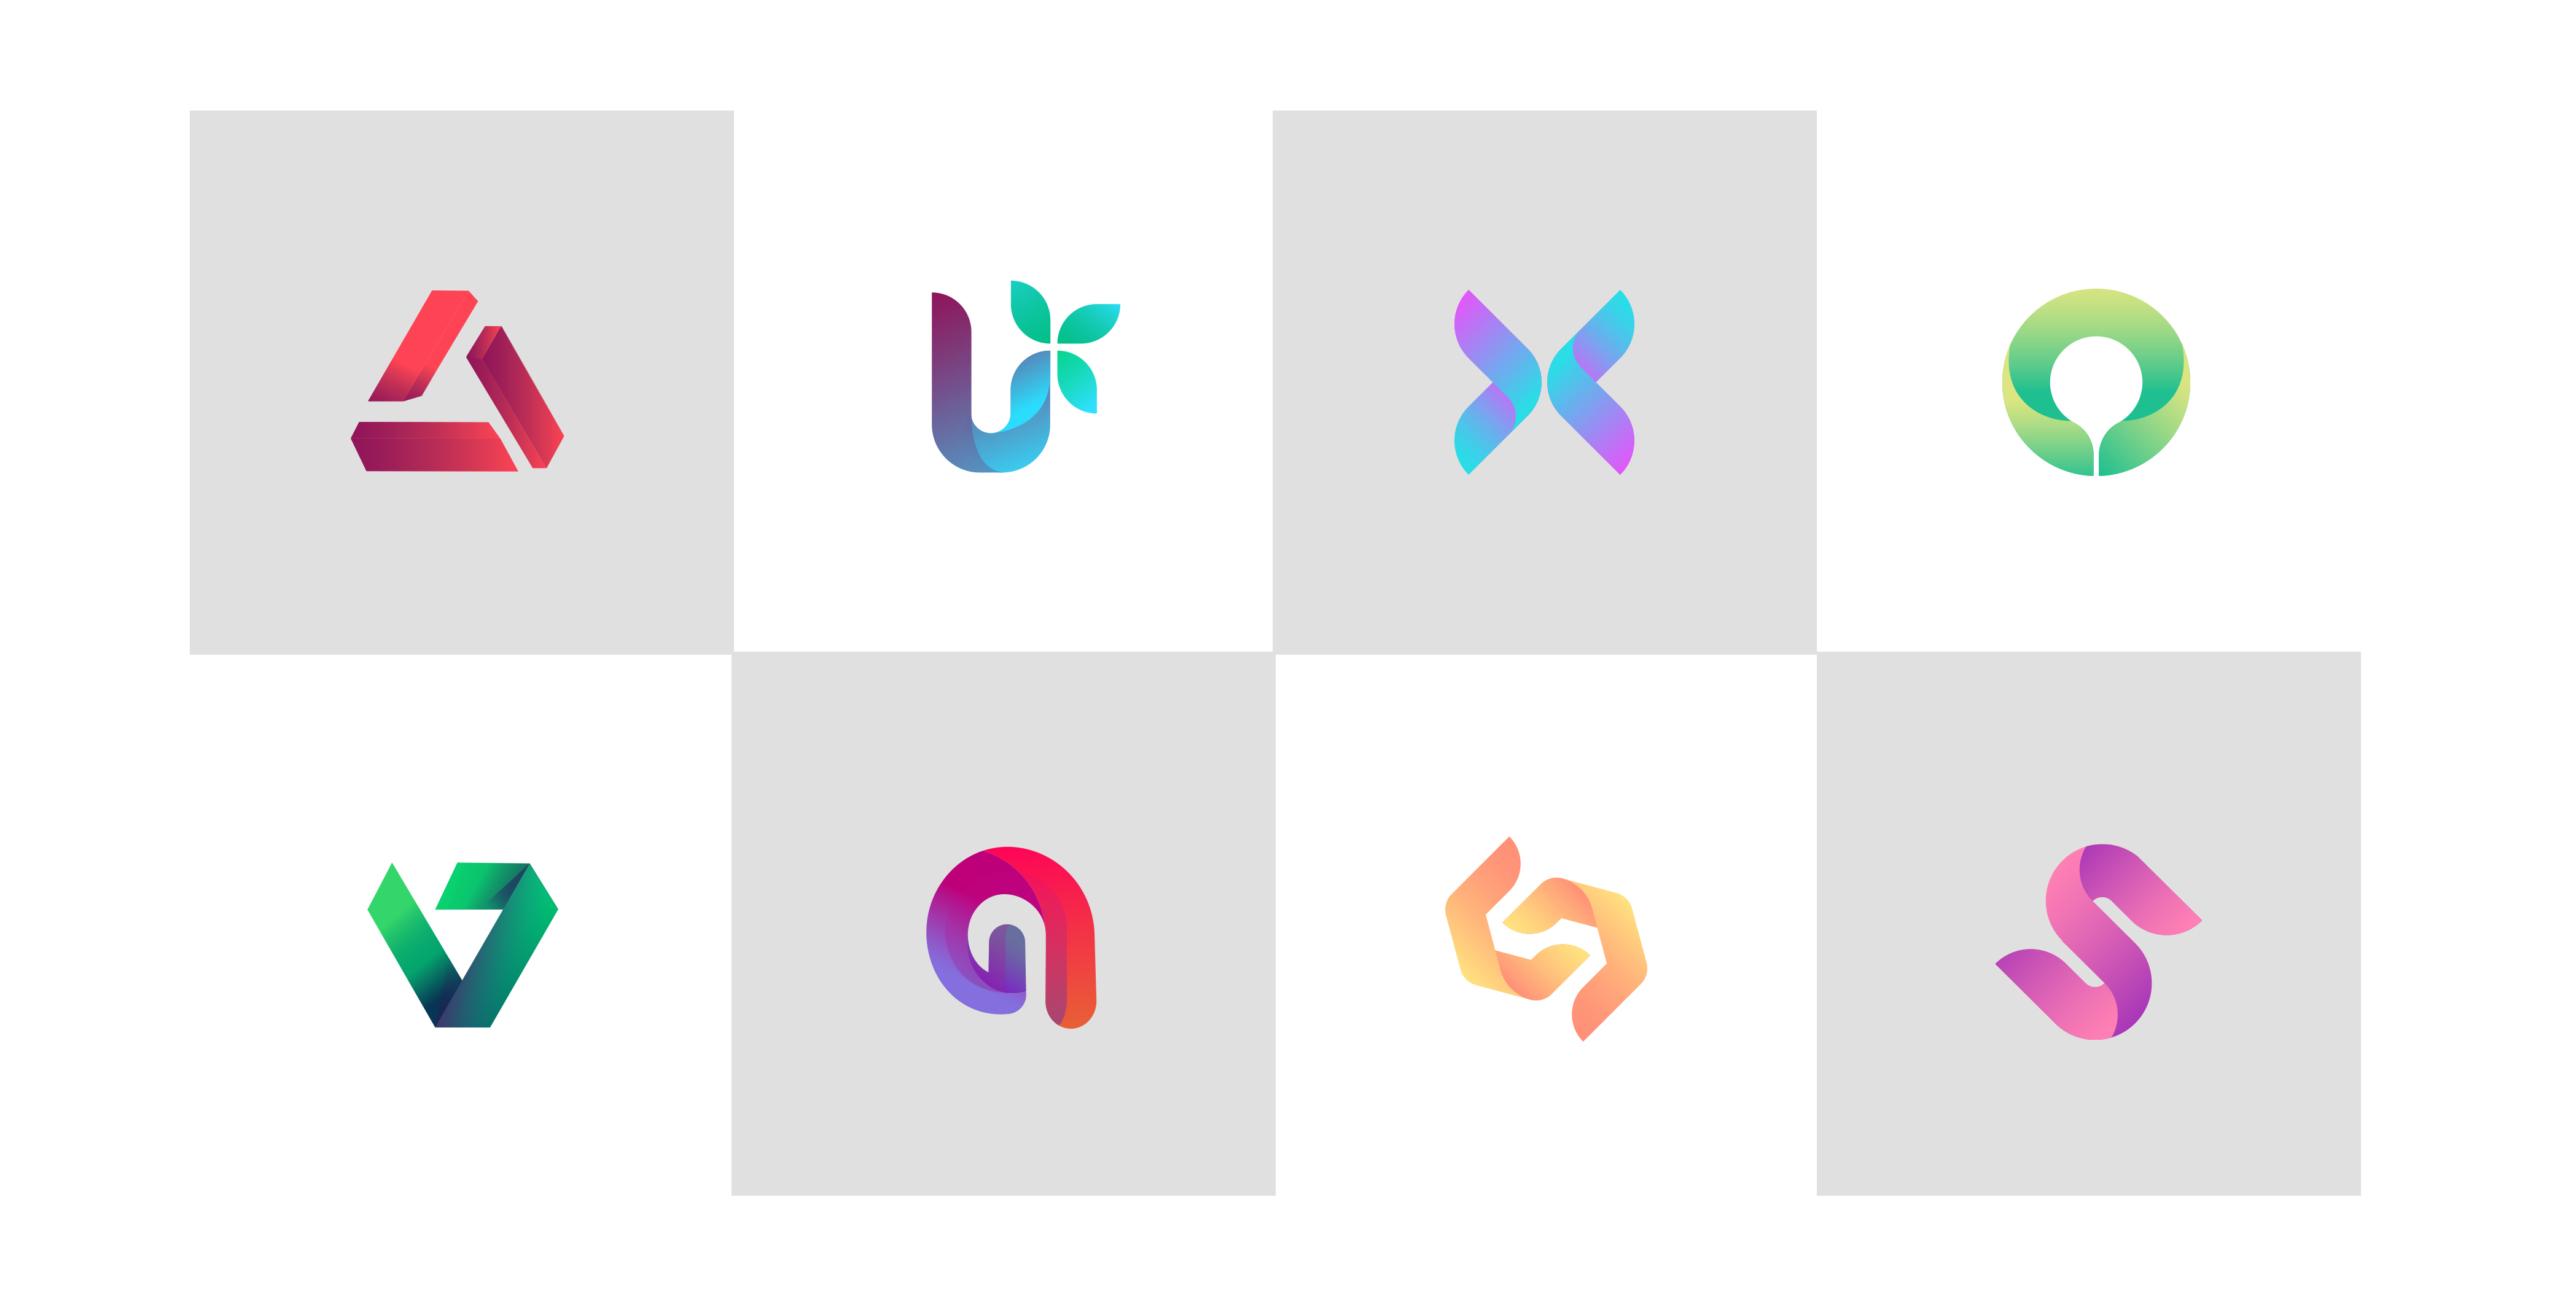 Planche création logo d'entreprise